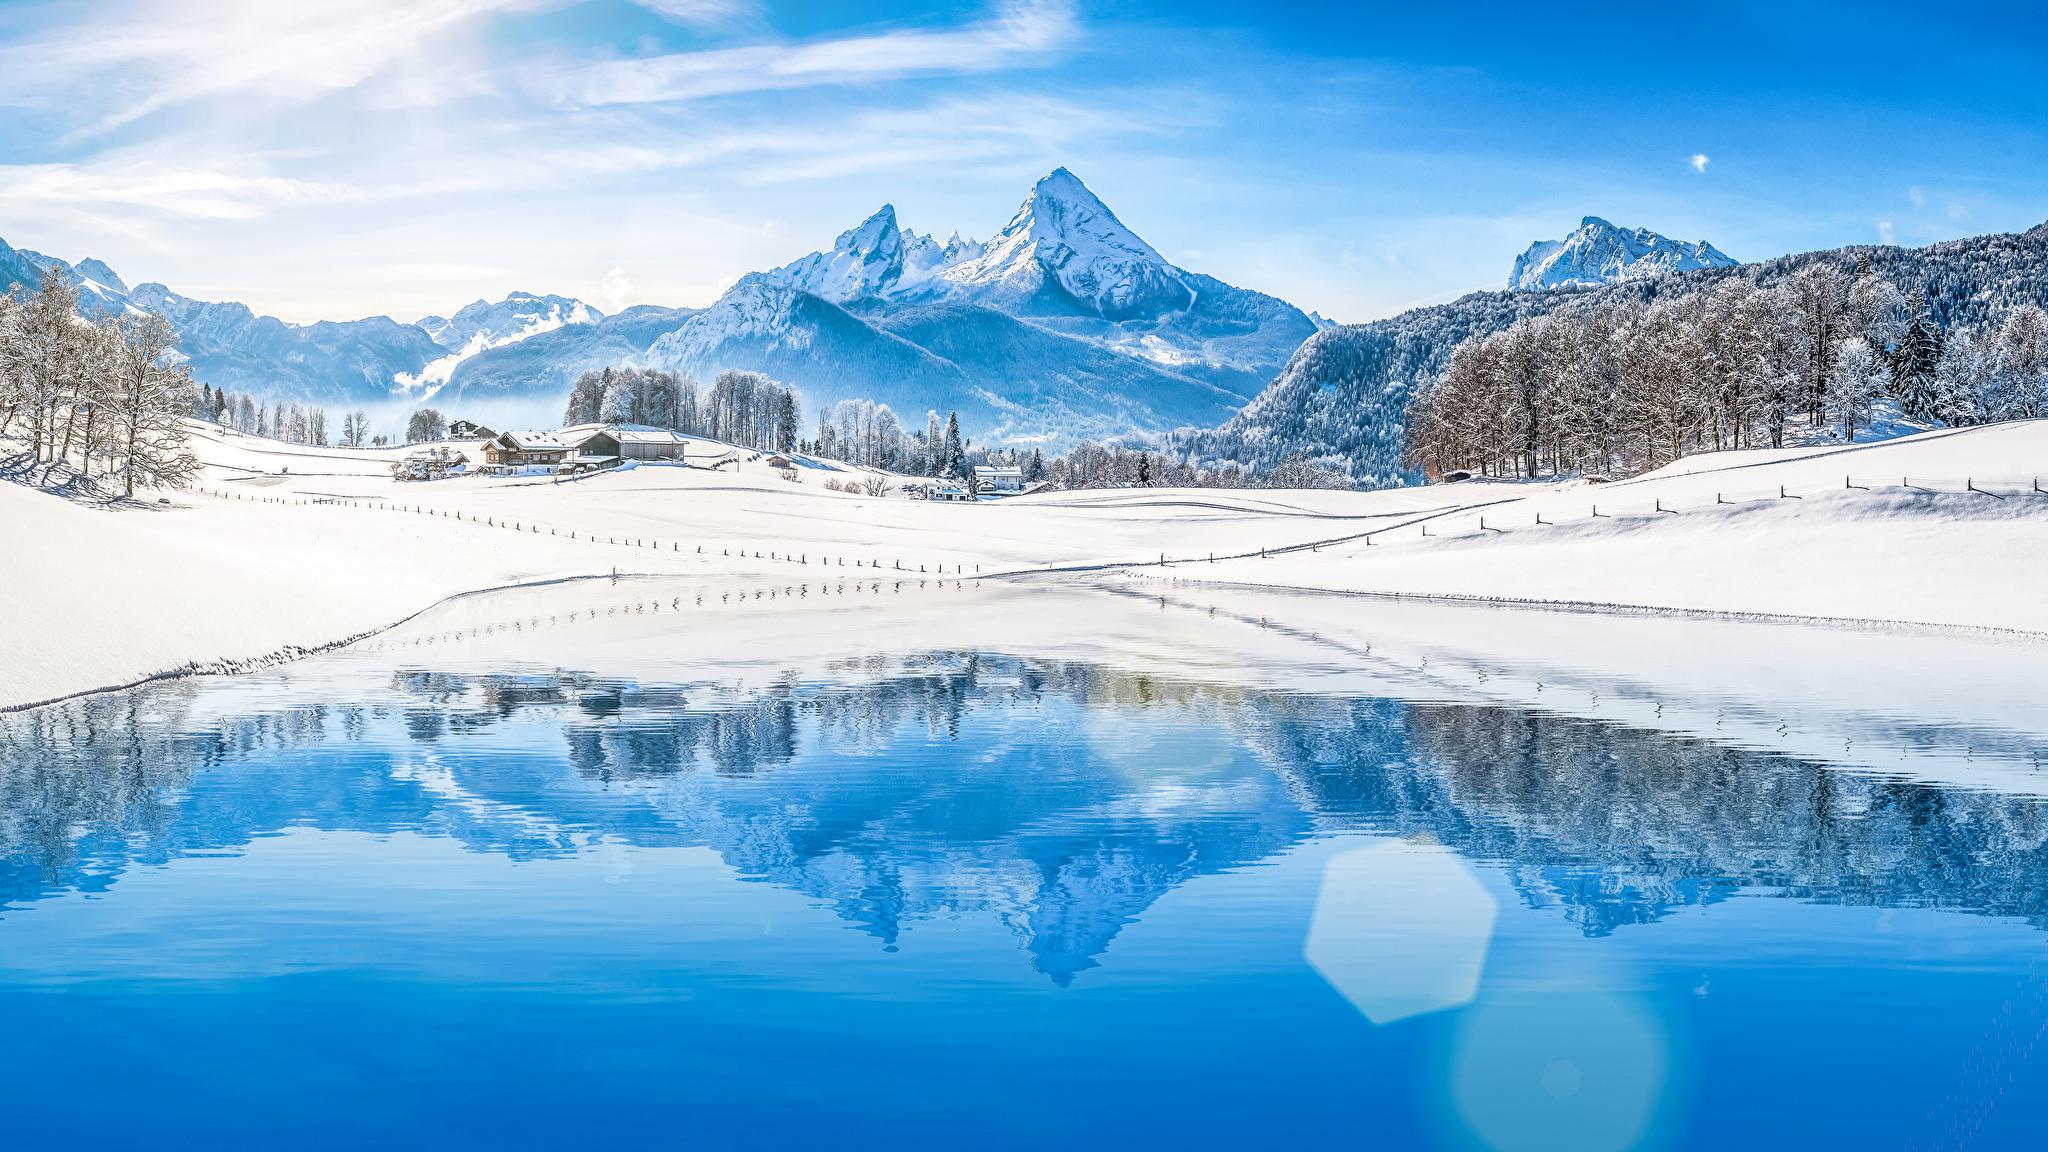 Зима картинки  Анимационные блестящие картинки GIF